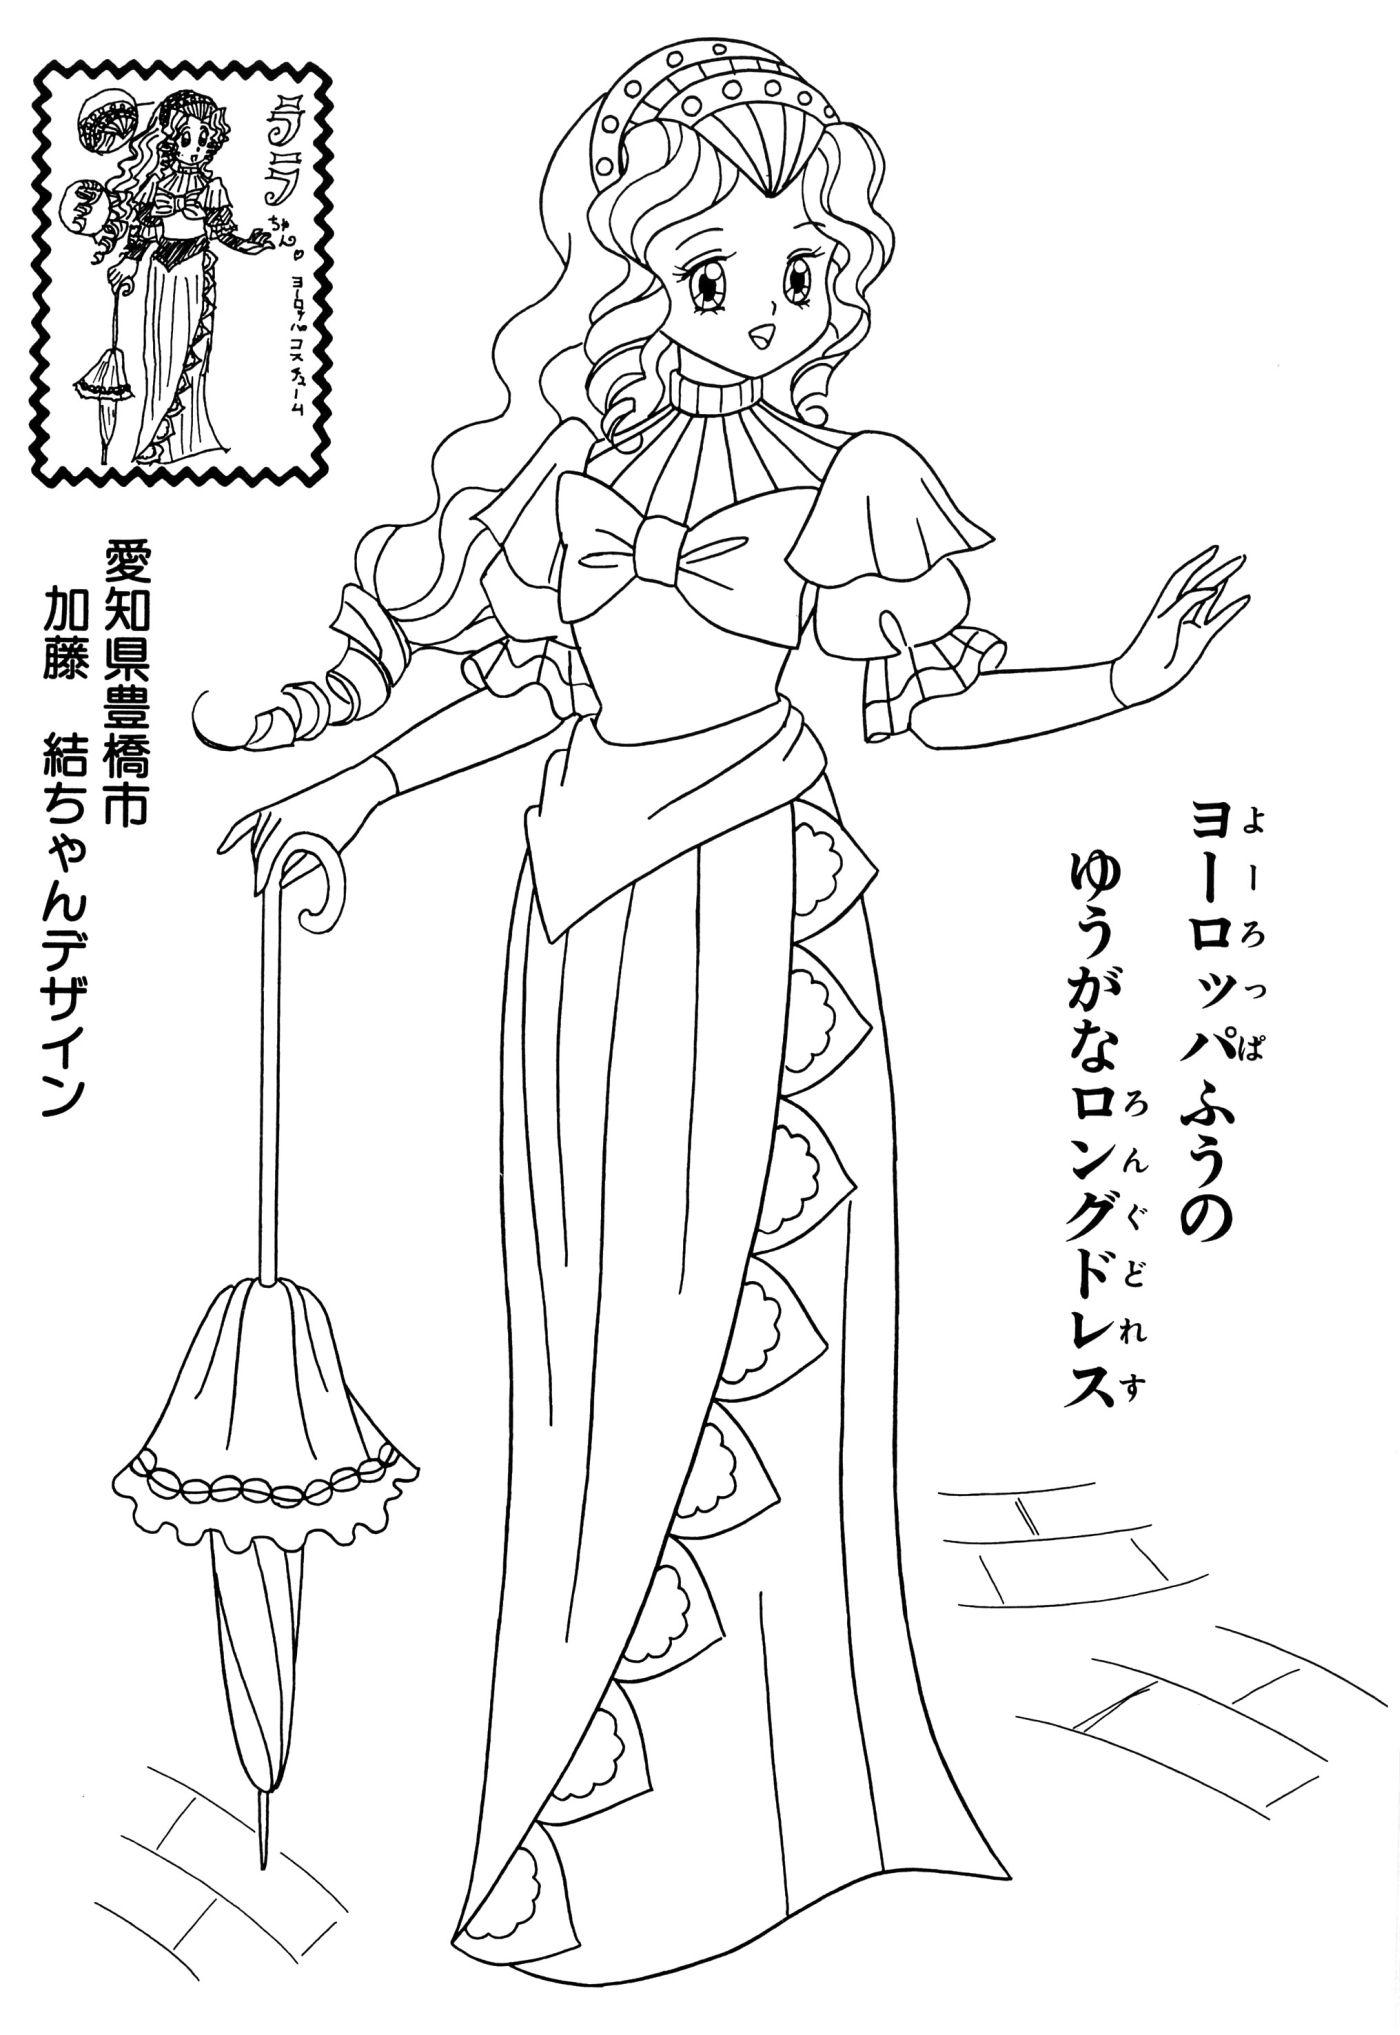 Princess Coloring Pages Coloring Pages Coloring Books [ 2035 x 1400 Pixel ]